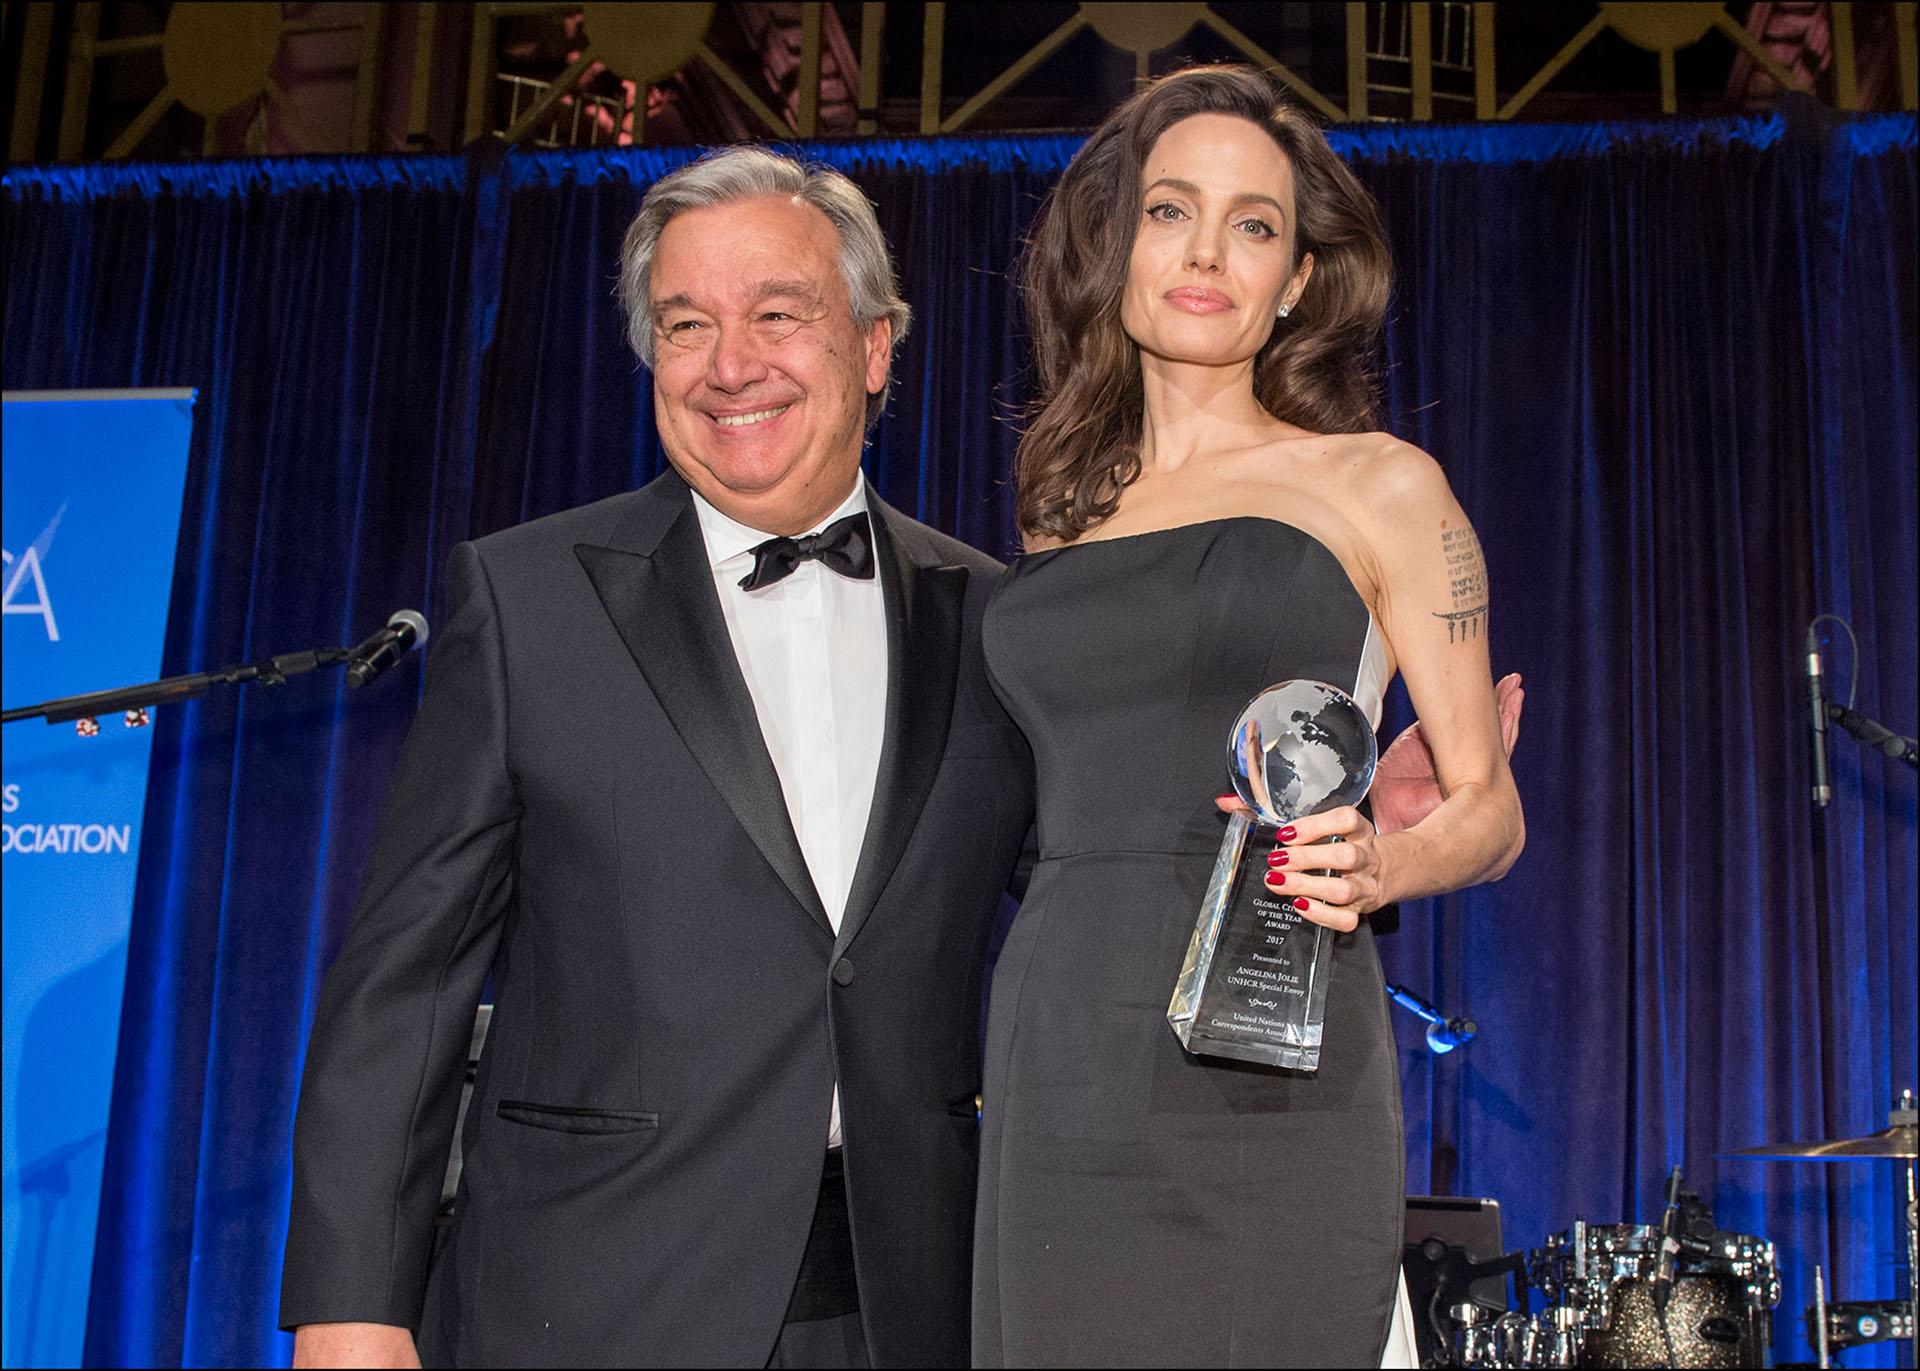 Con el diplomático portugués António Guterres.